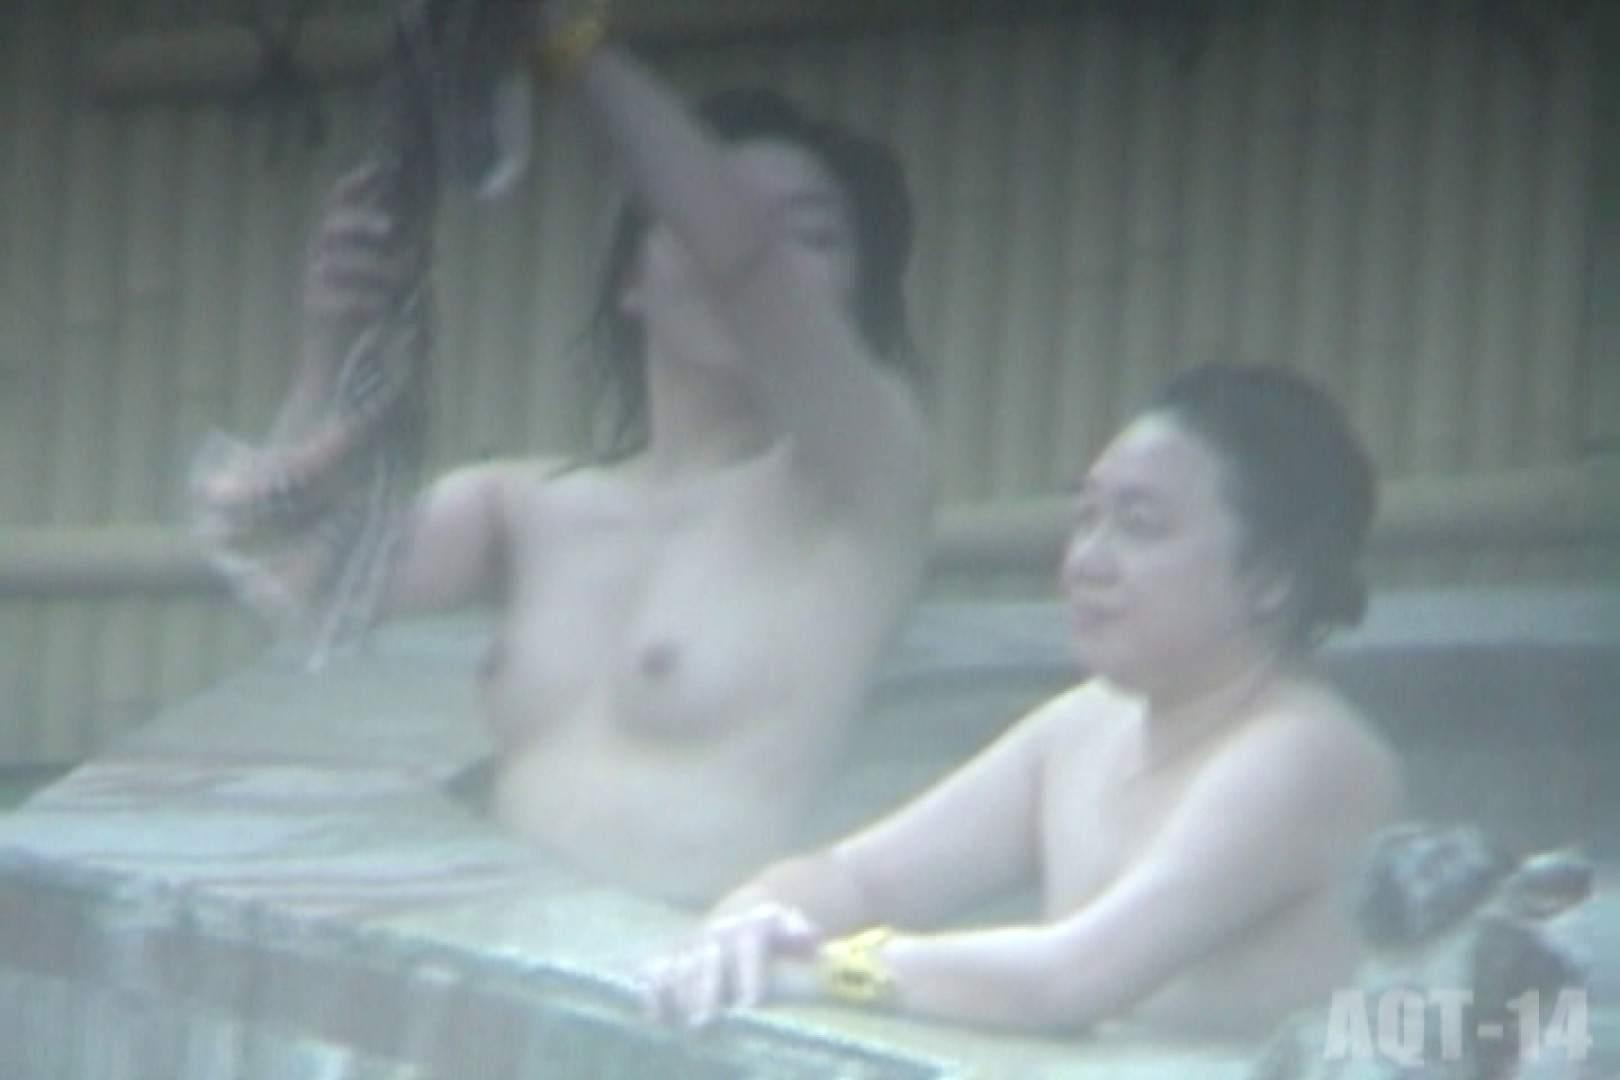 Aquaな露天風呂Vol.830 OLのエロ生活  34連発 21